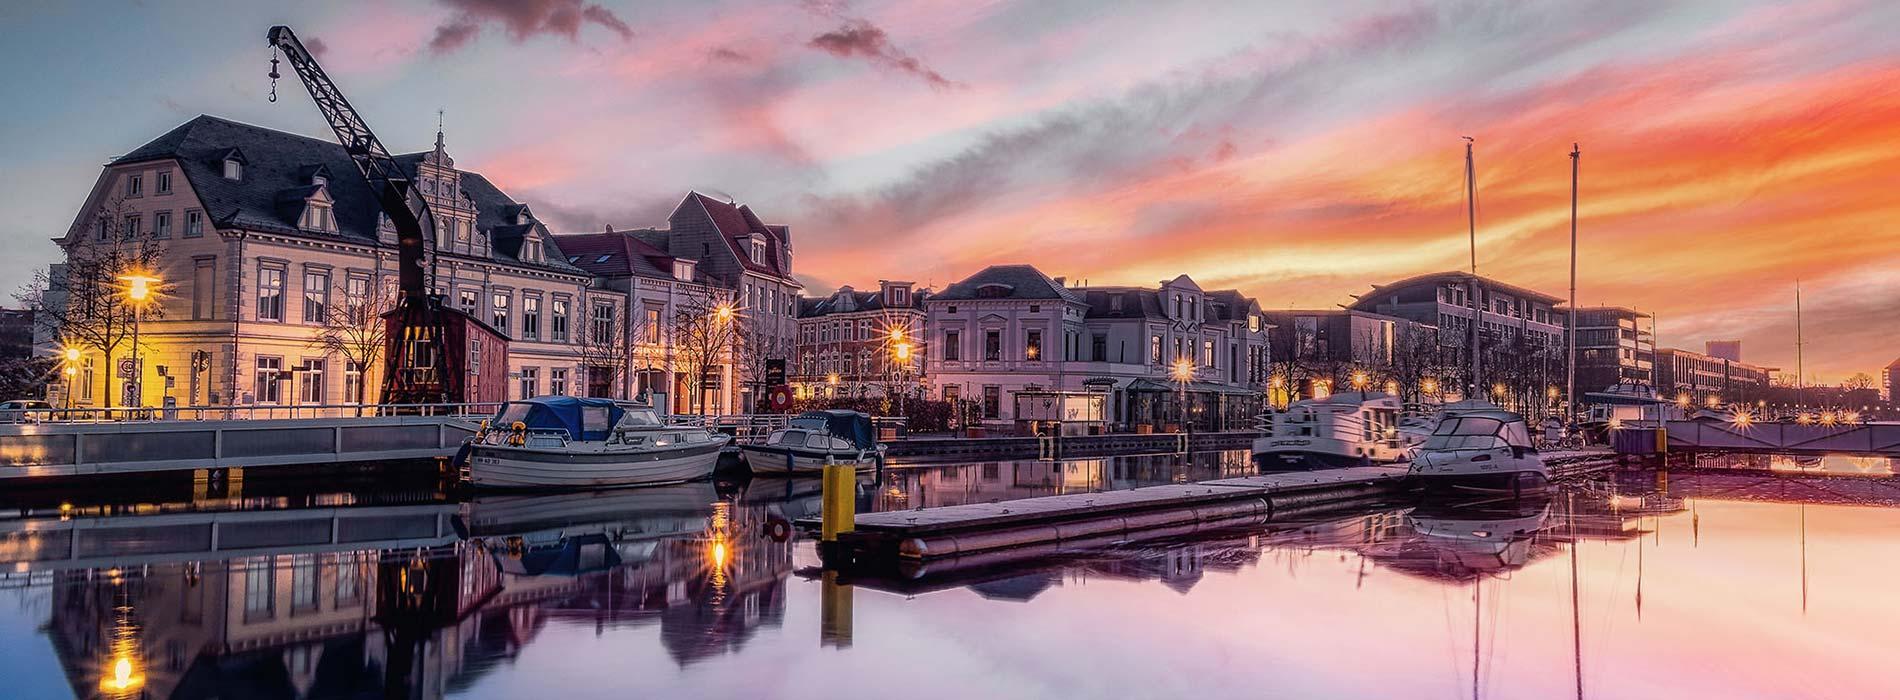 Oldenburg am Hafen